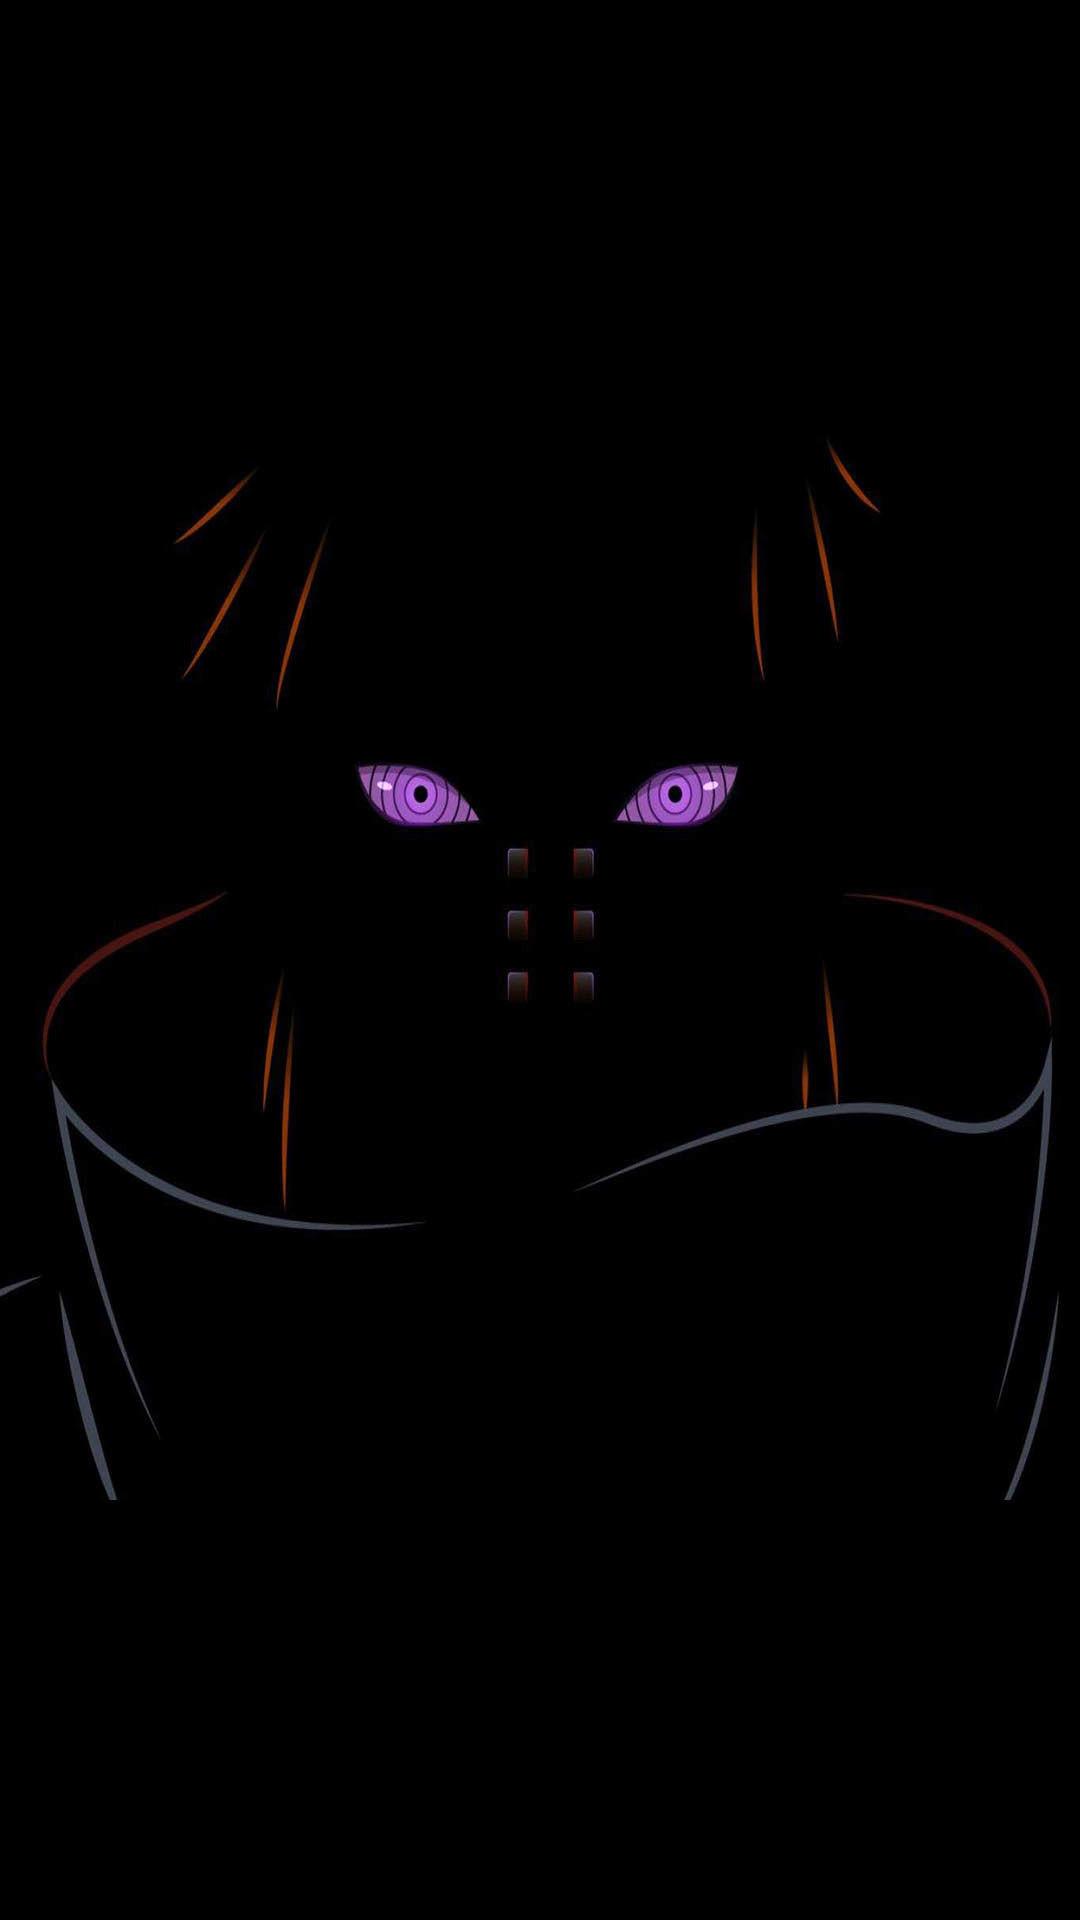 Download 530 Wallpaper Naruto Hd 1080x1920 HD Paling Keren